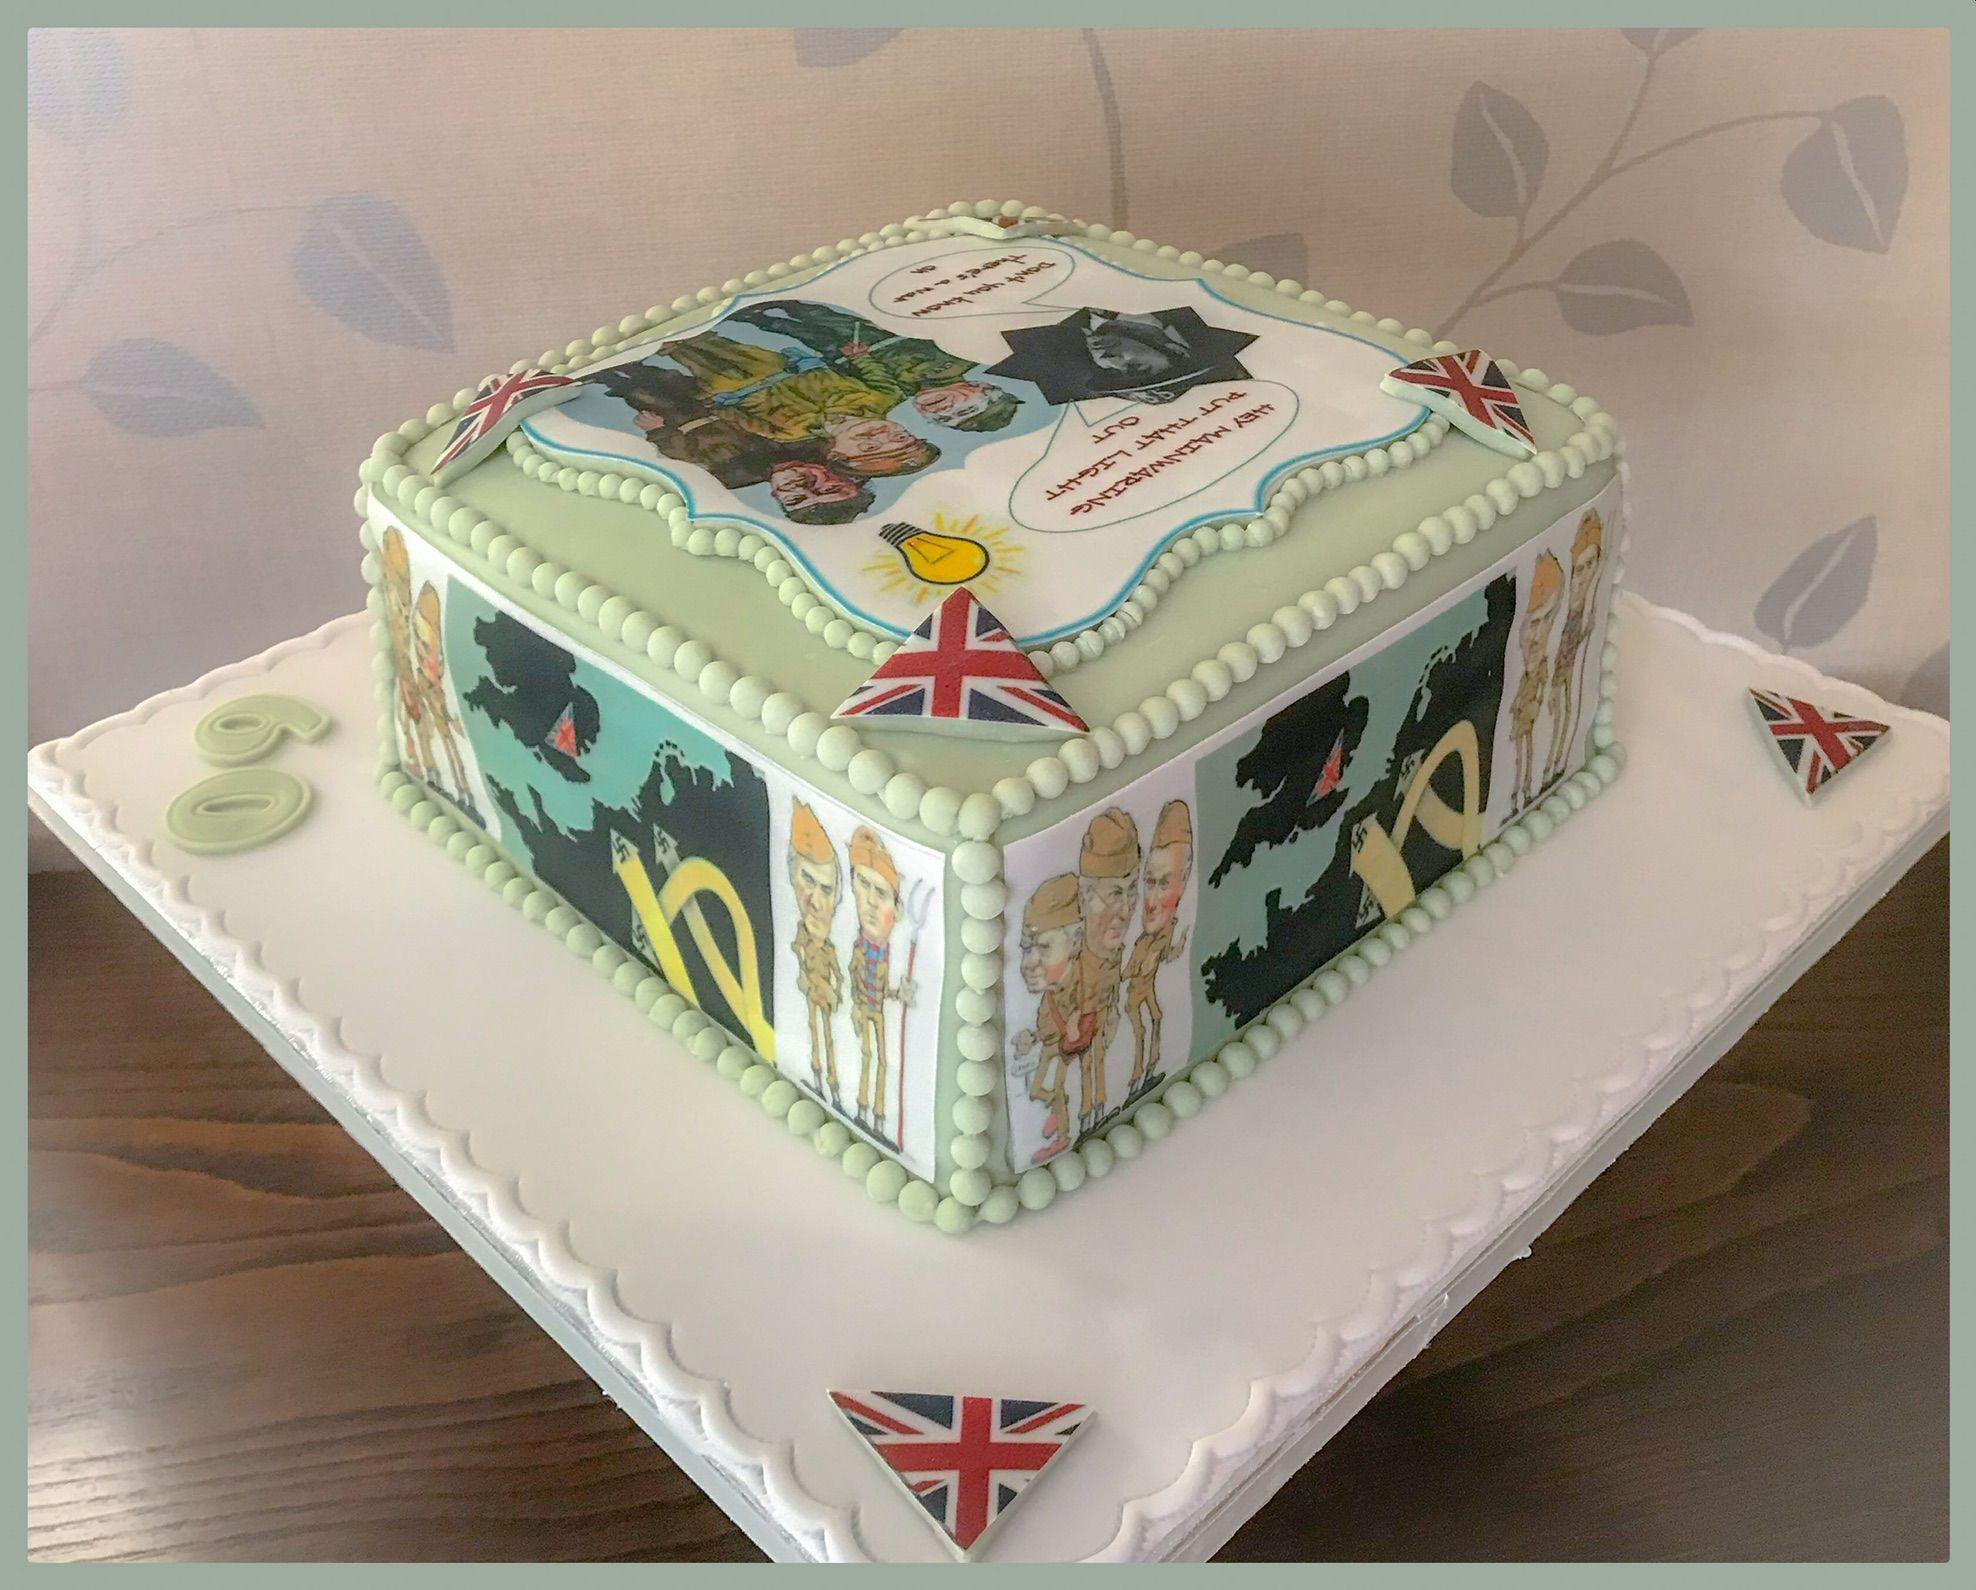 dads army cake 1